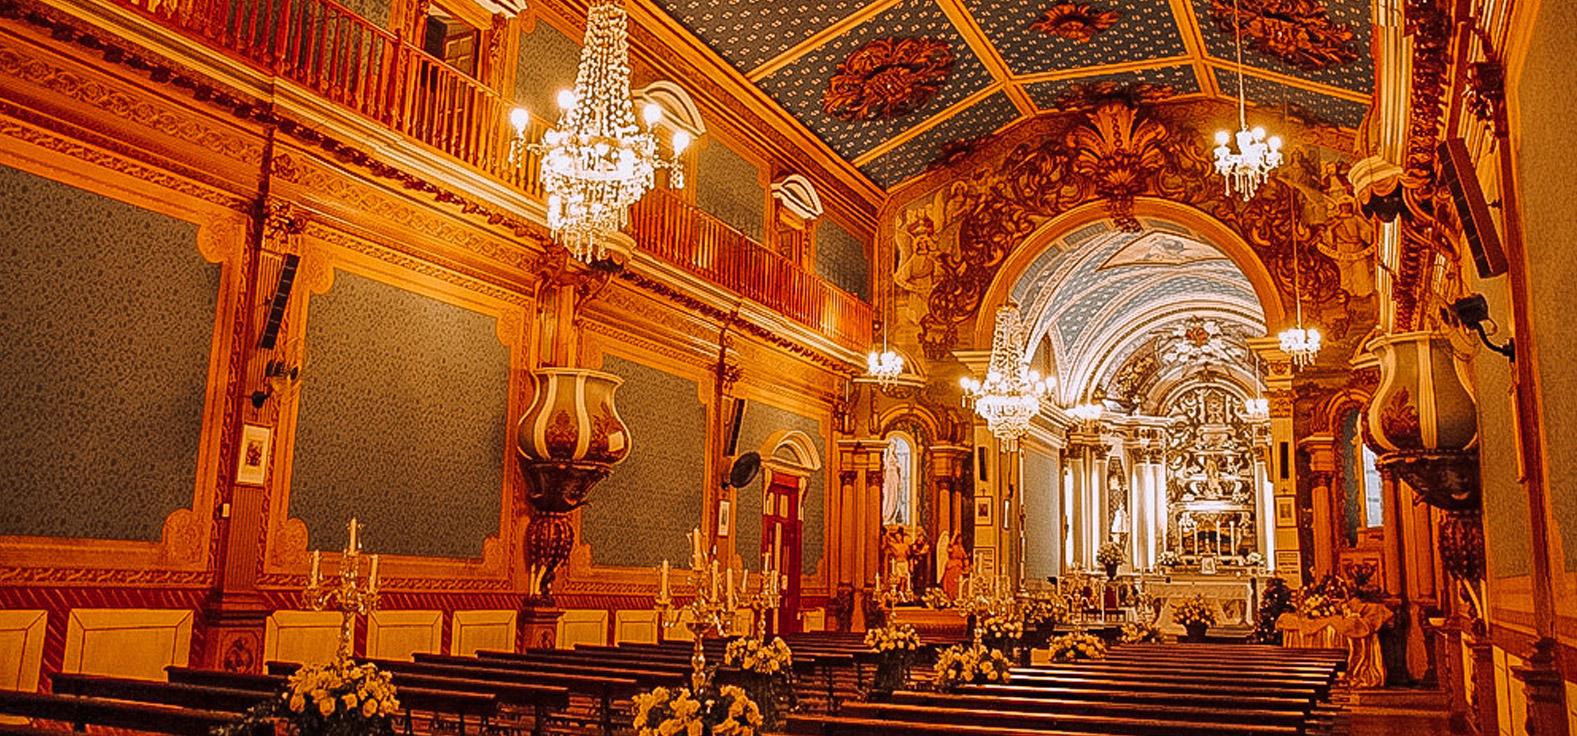 Igreja Boa Morte em Limeira | Portal Serra do Itaquerí